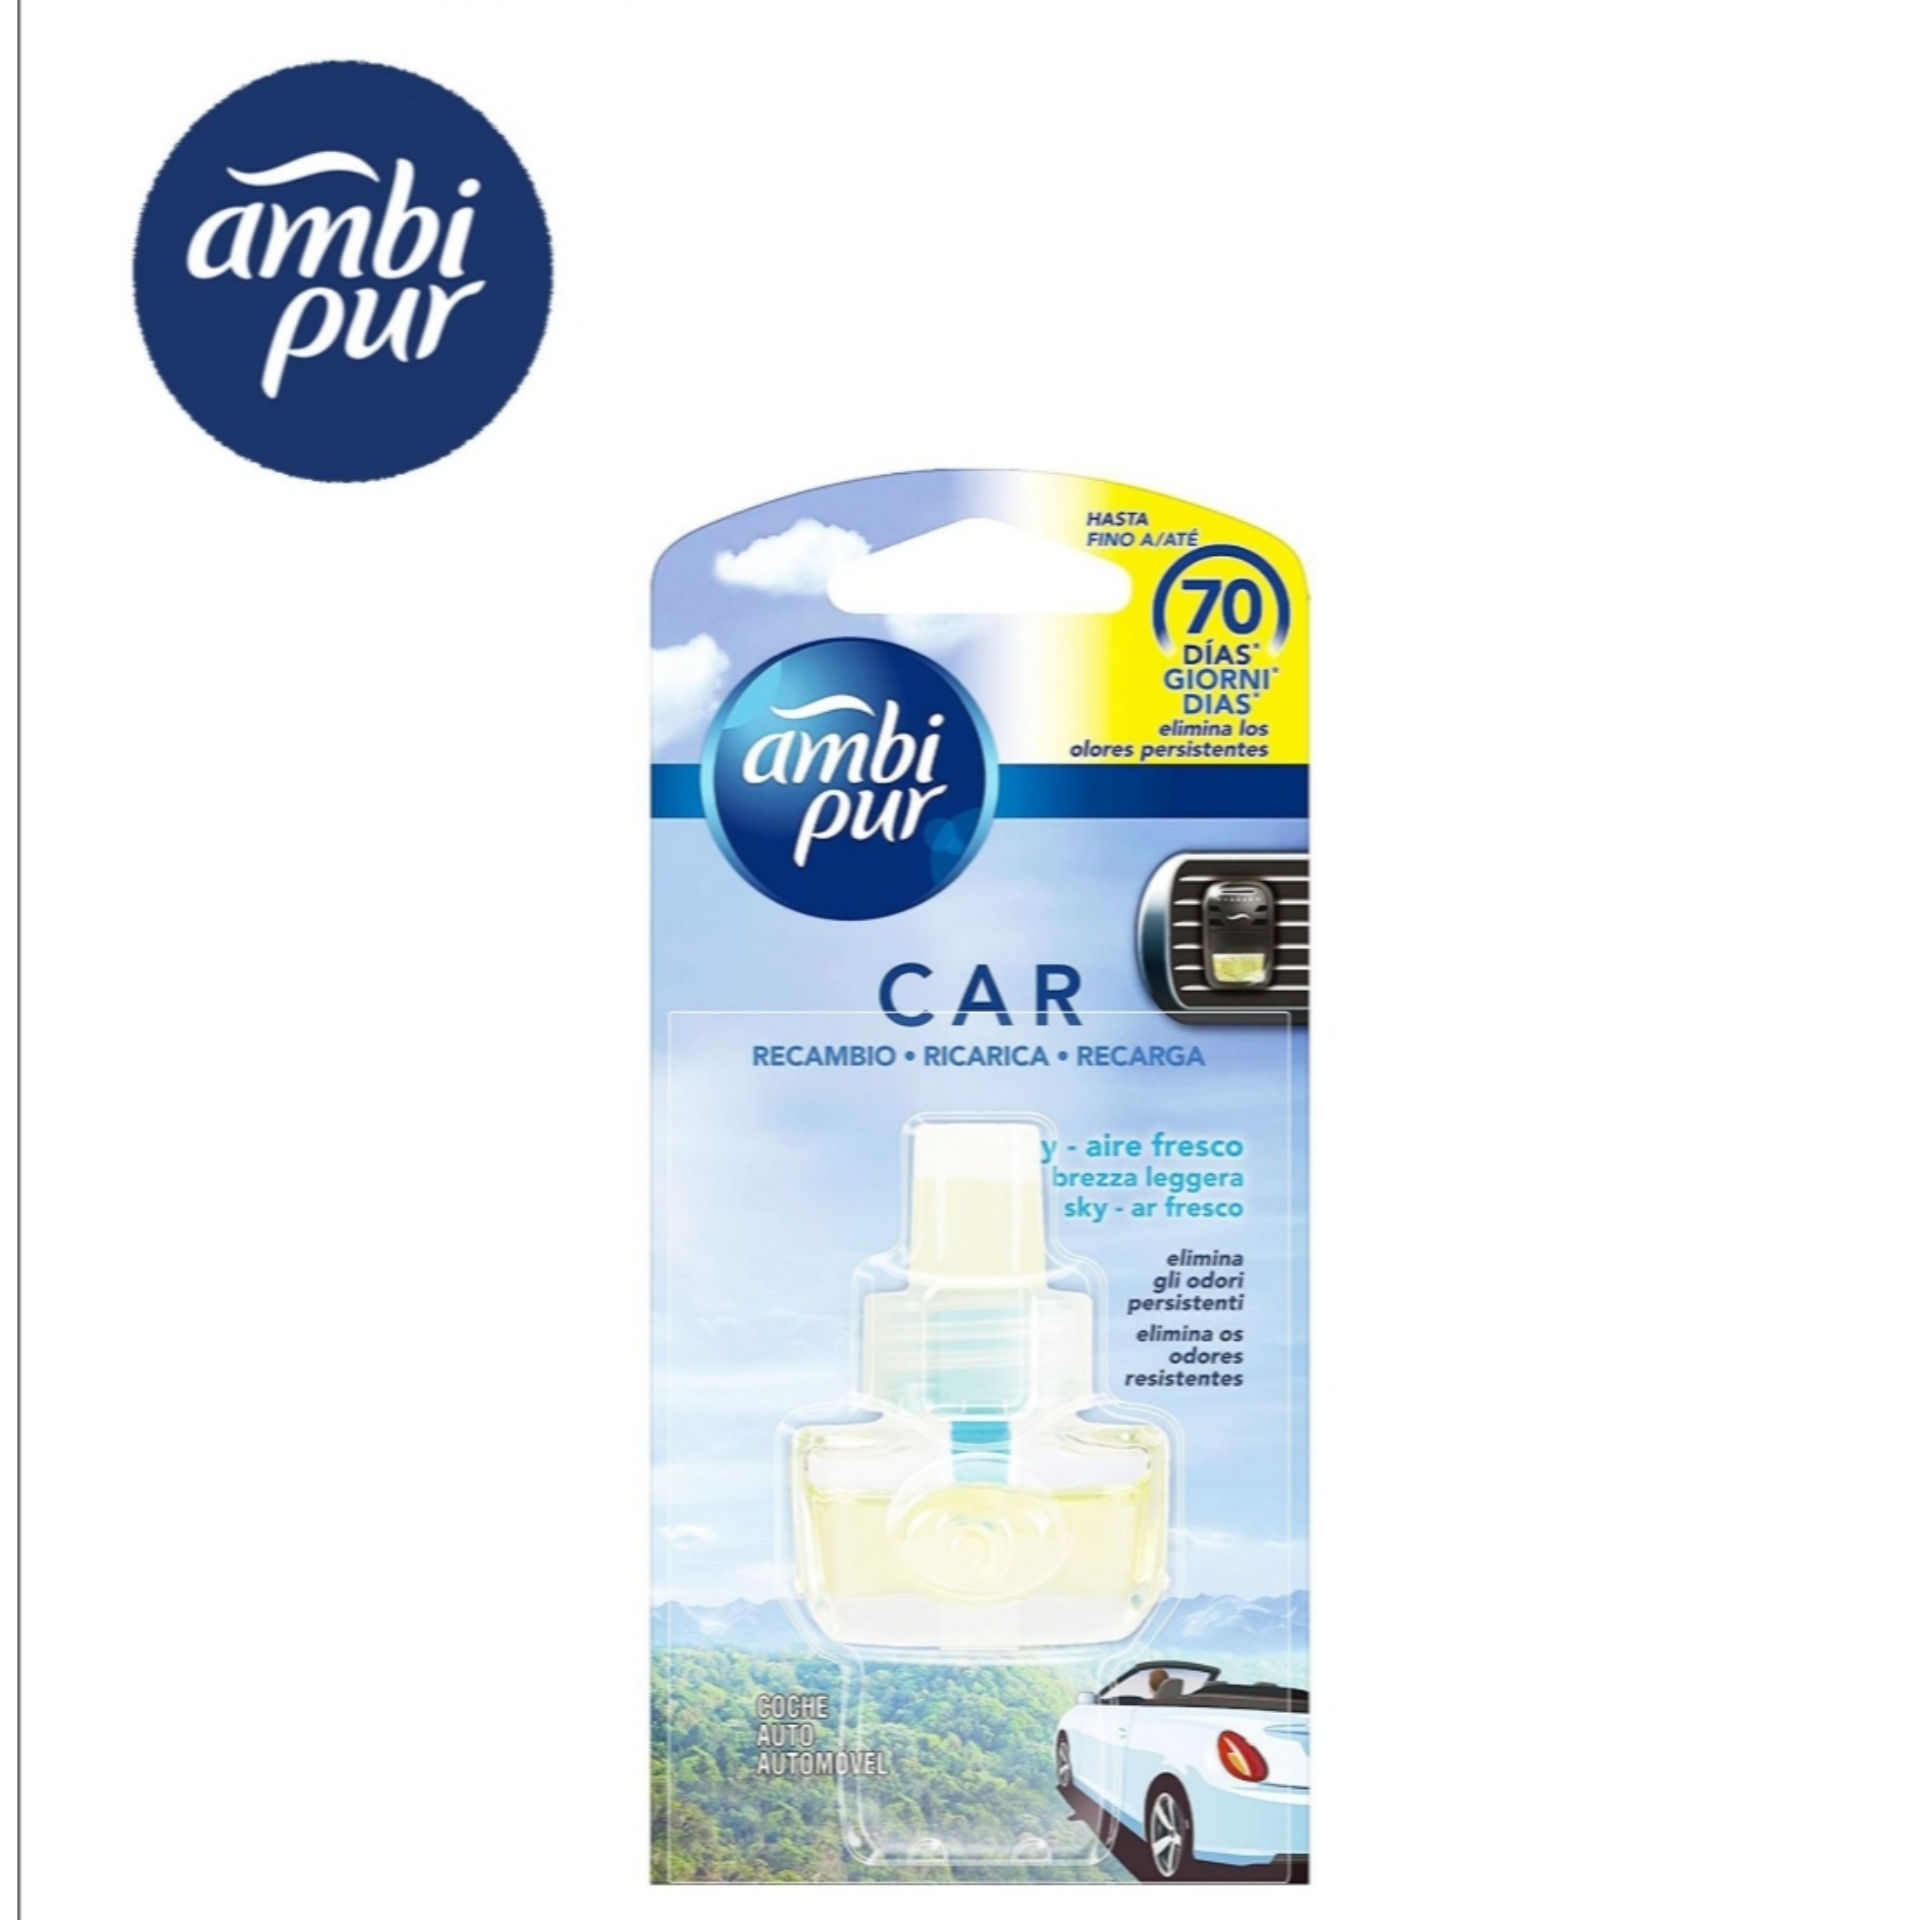 AMBIPUR CAR RICARICA PACIFICAmbipur